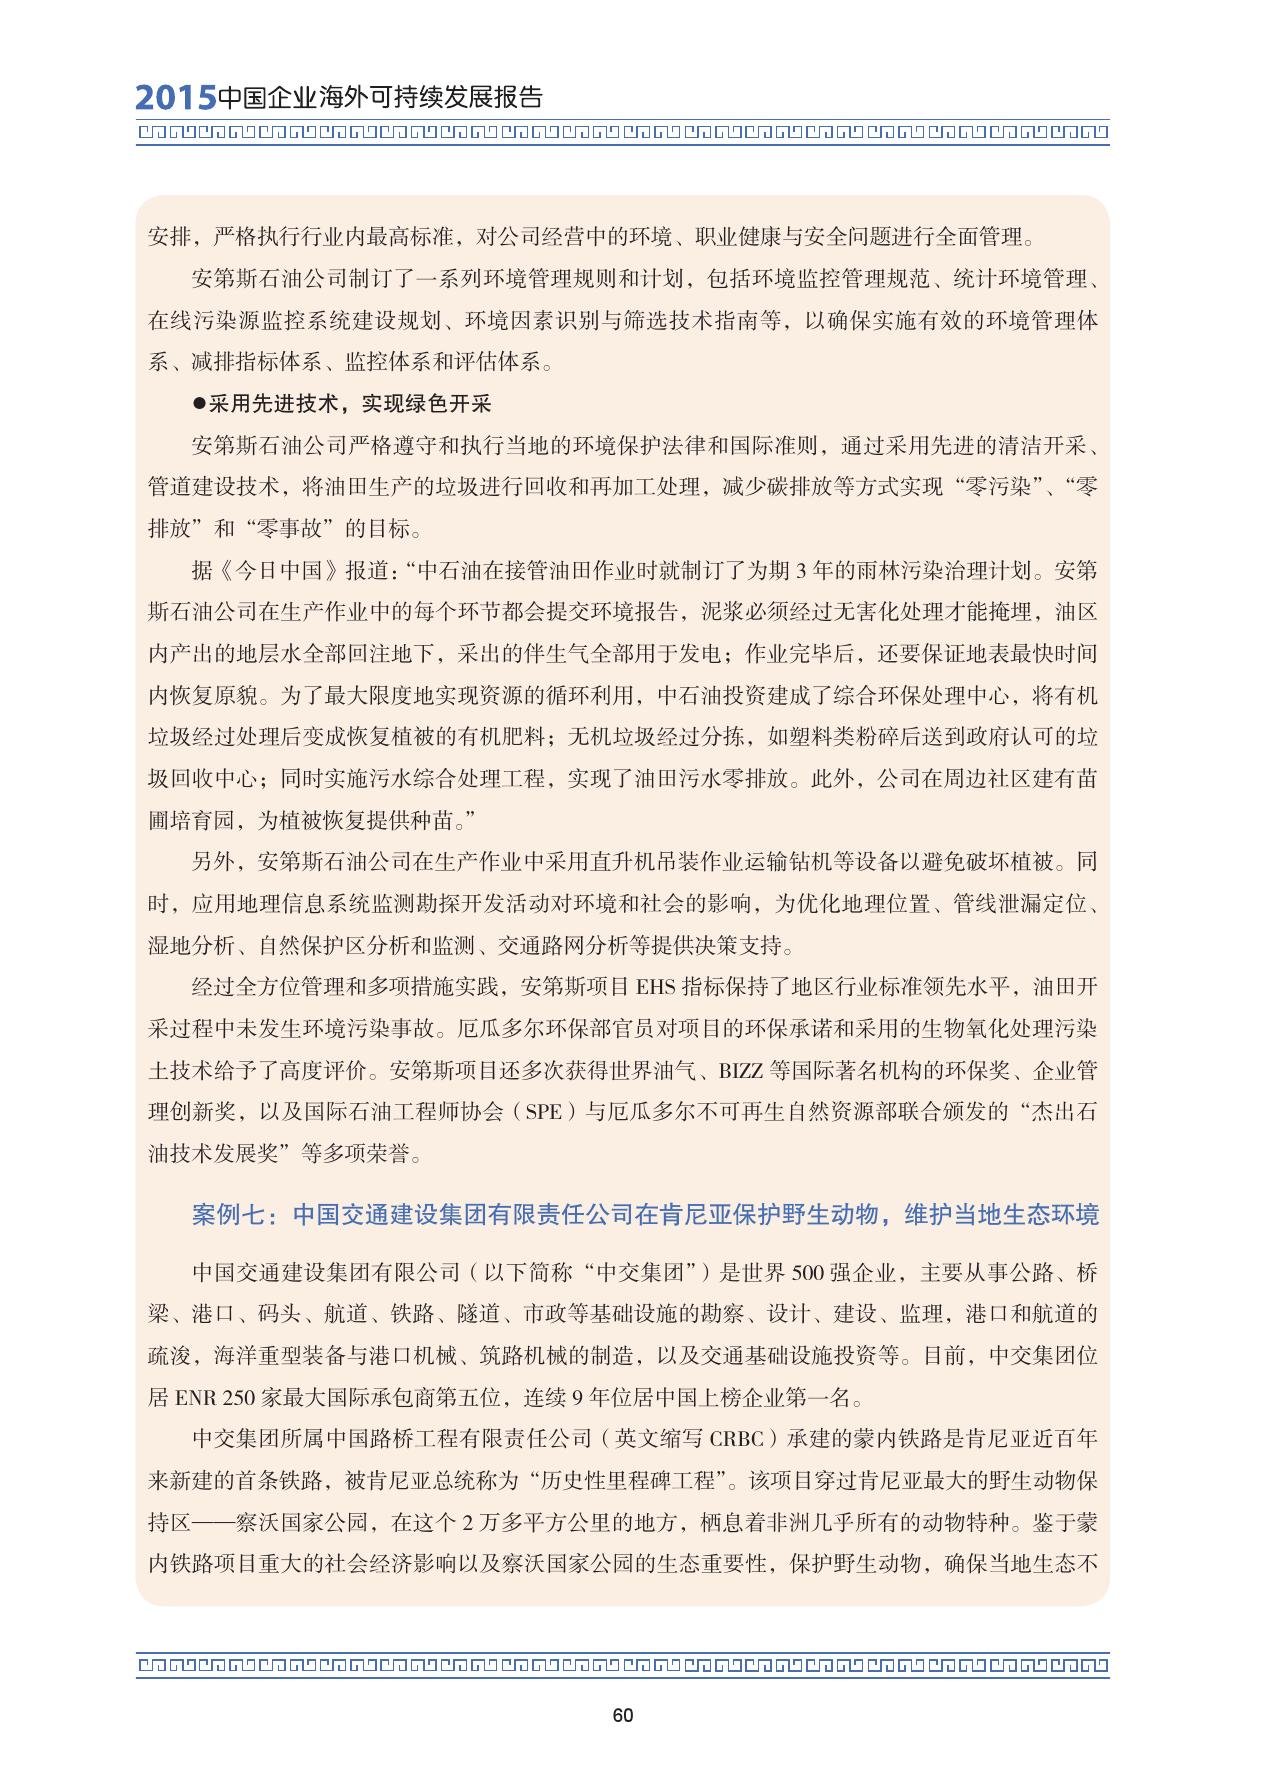 2015中国企业海外可持续发展报告_000074